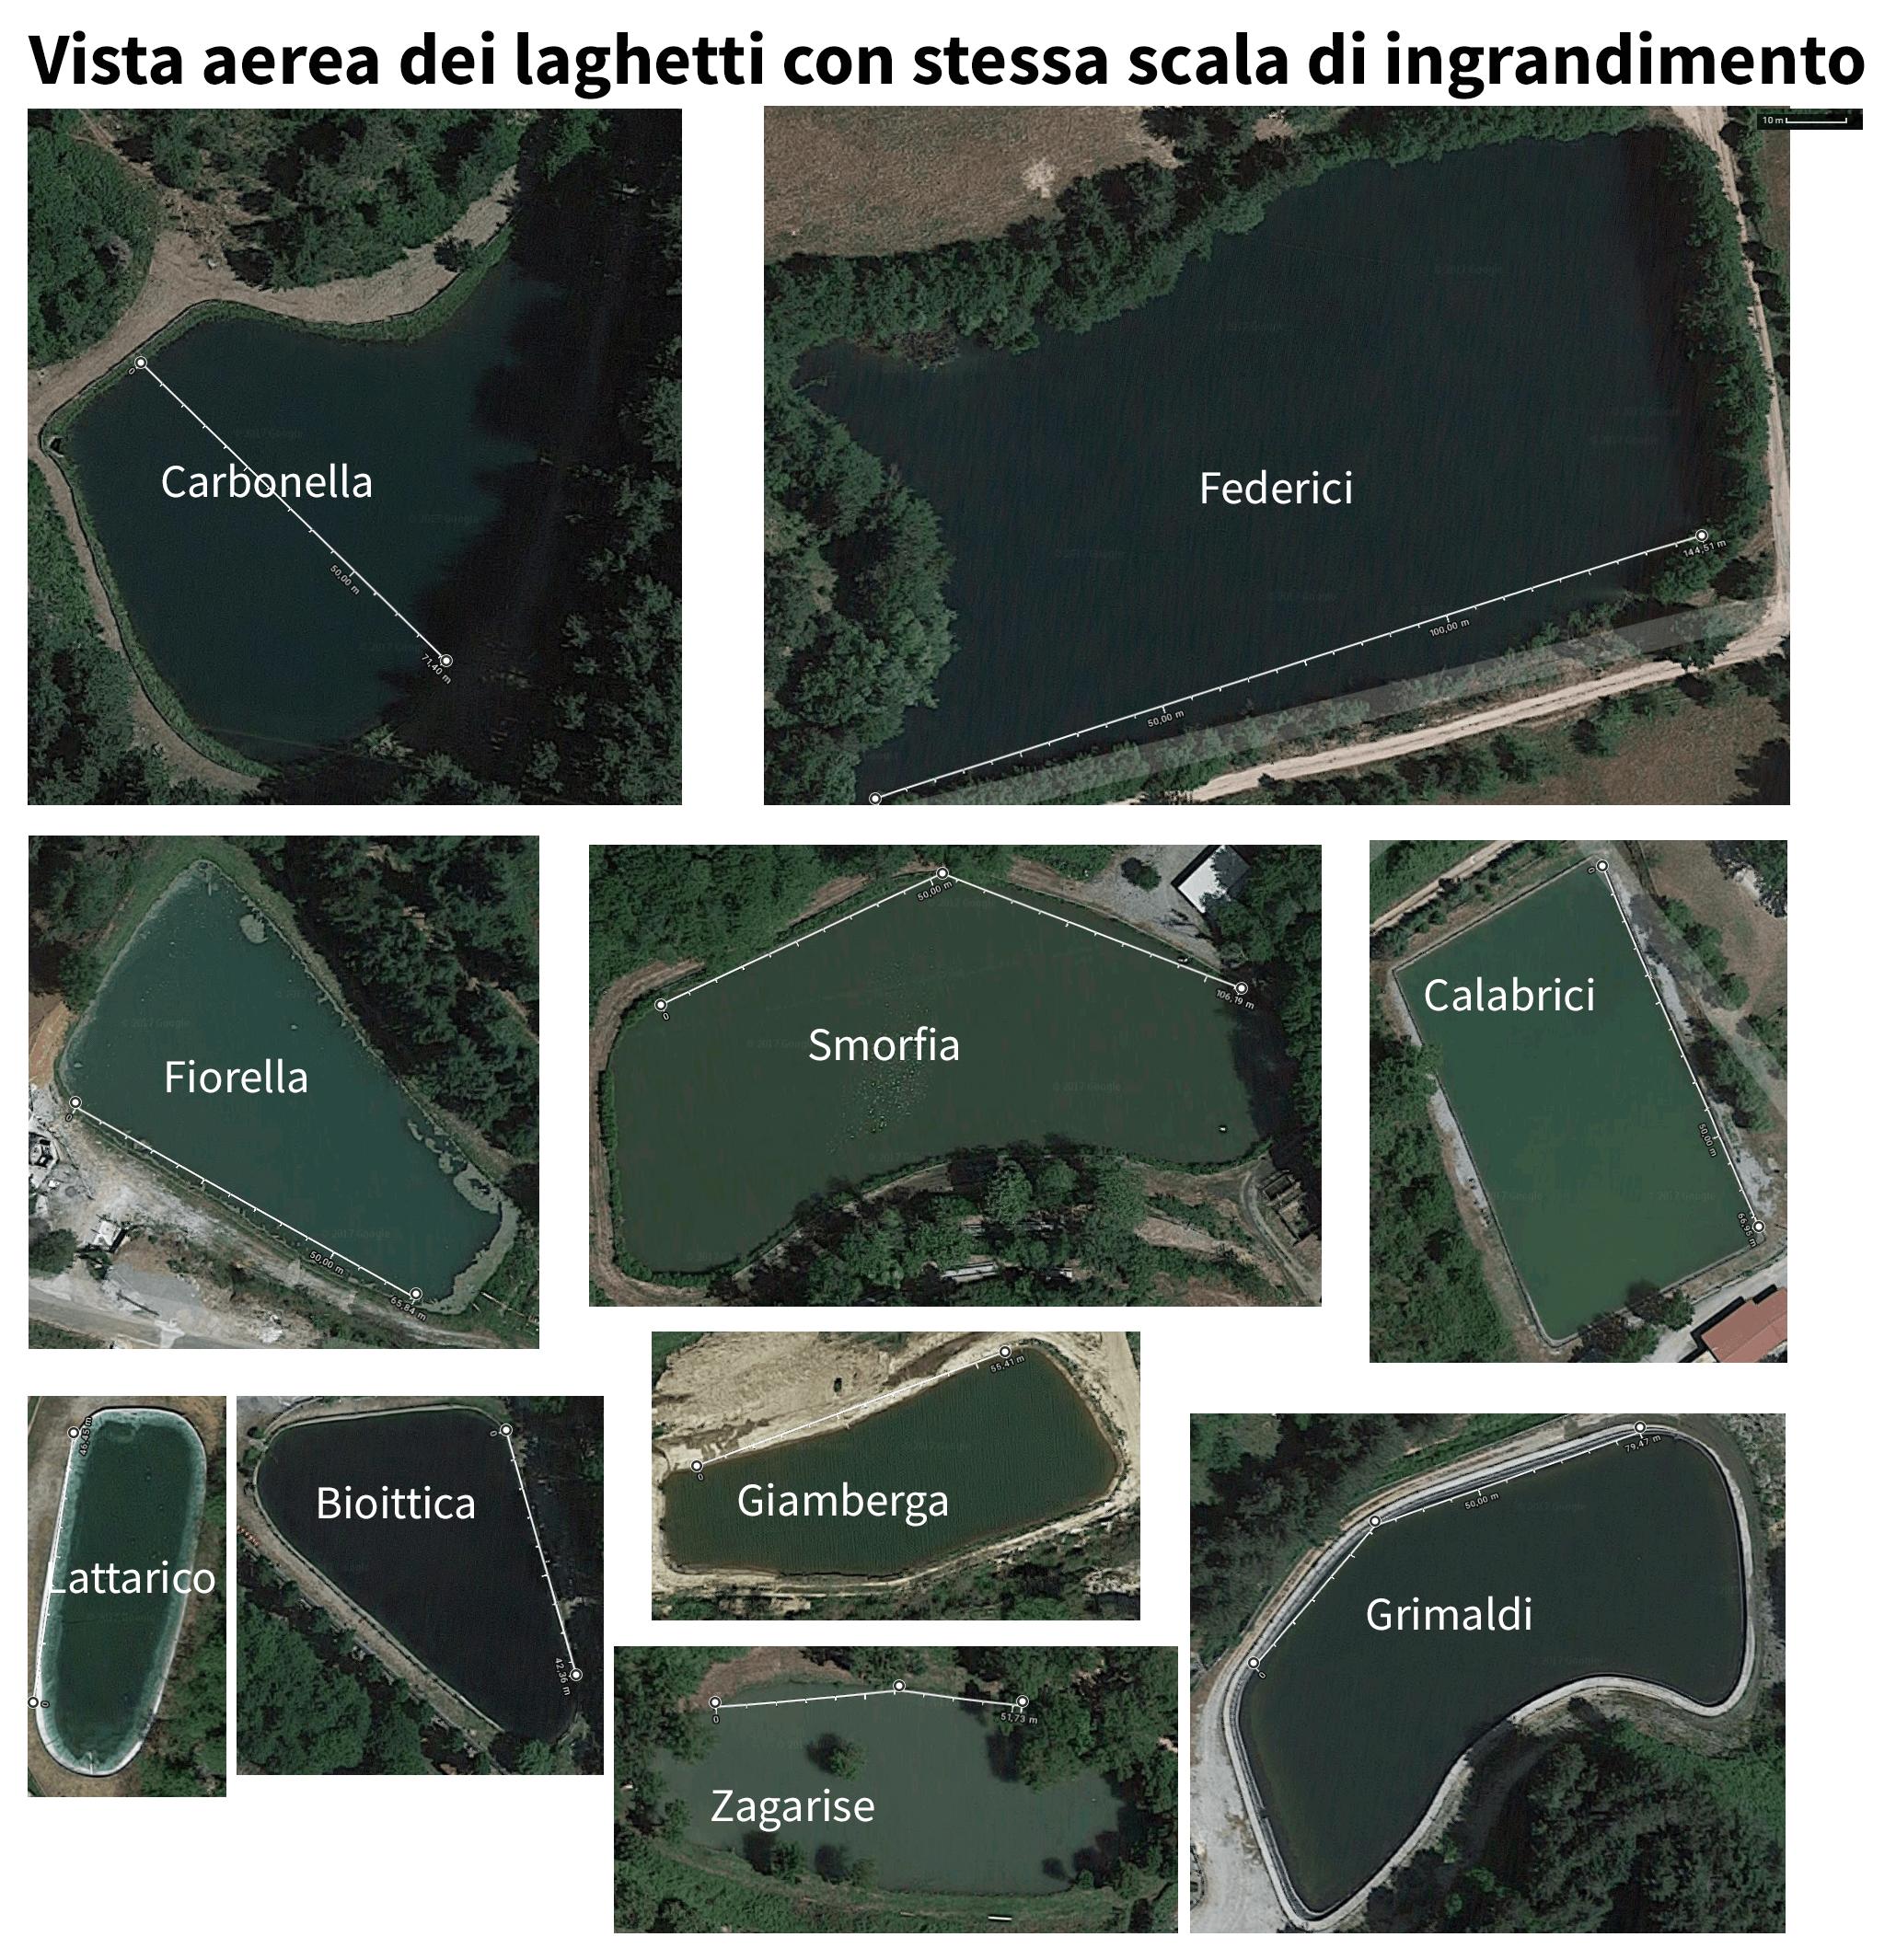 laghi-trota-calabria-v2